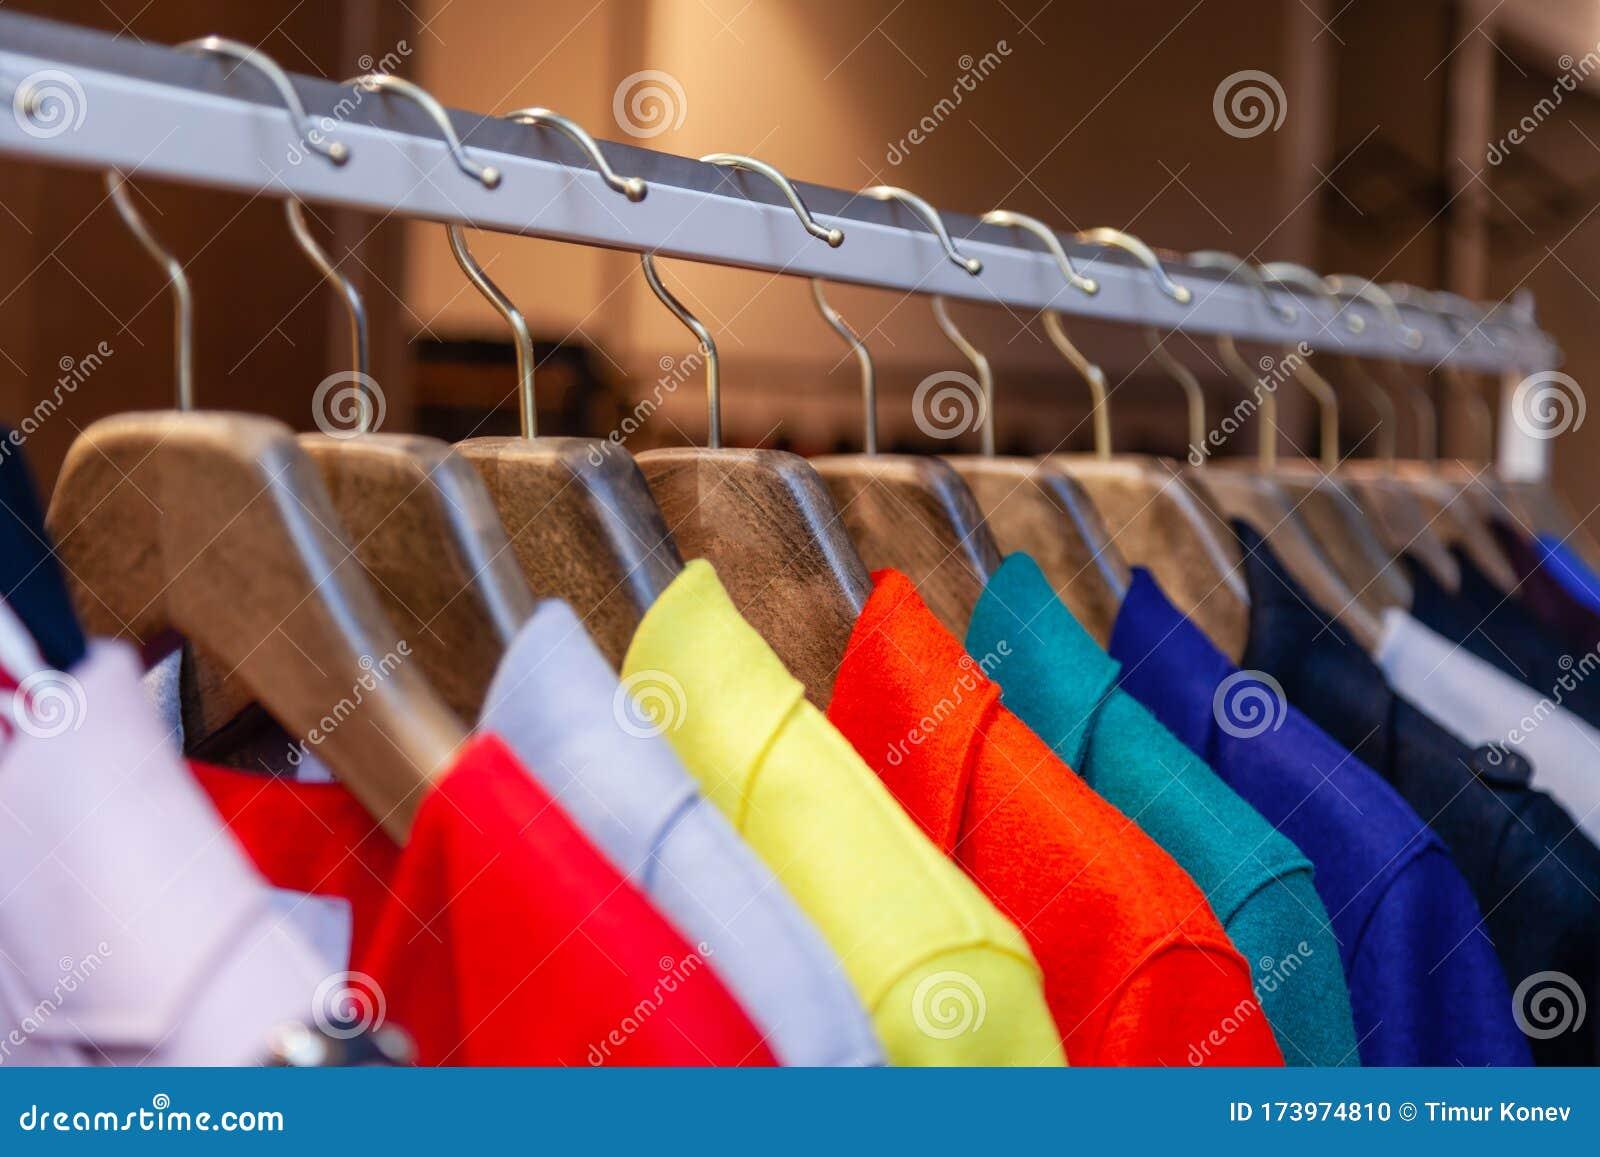 Hanger Hang Clothes Empire Brass